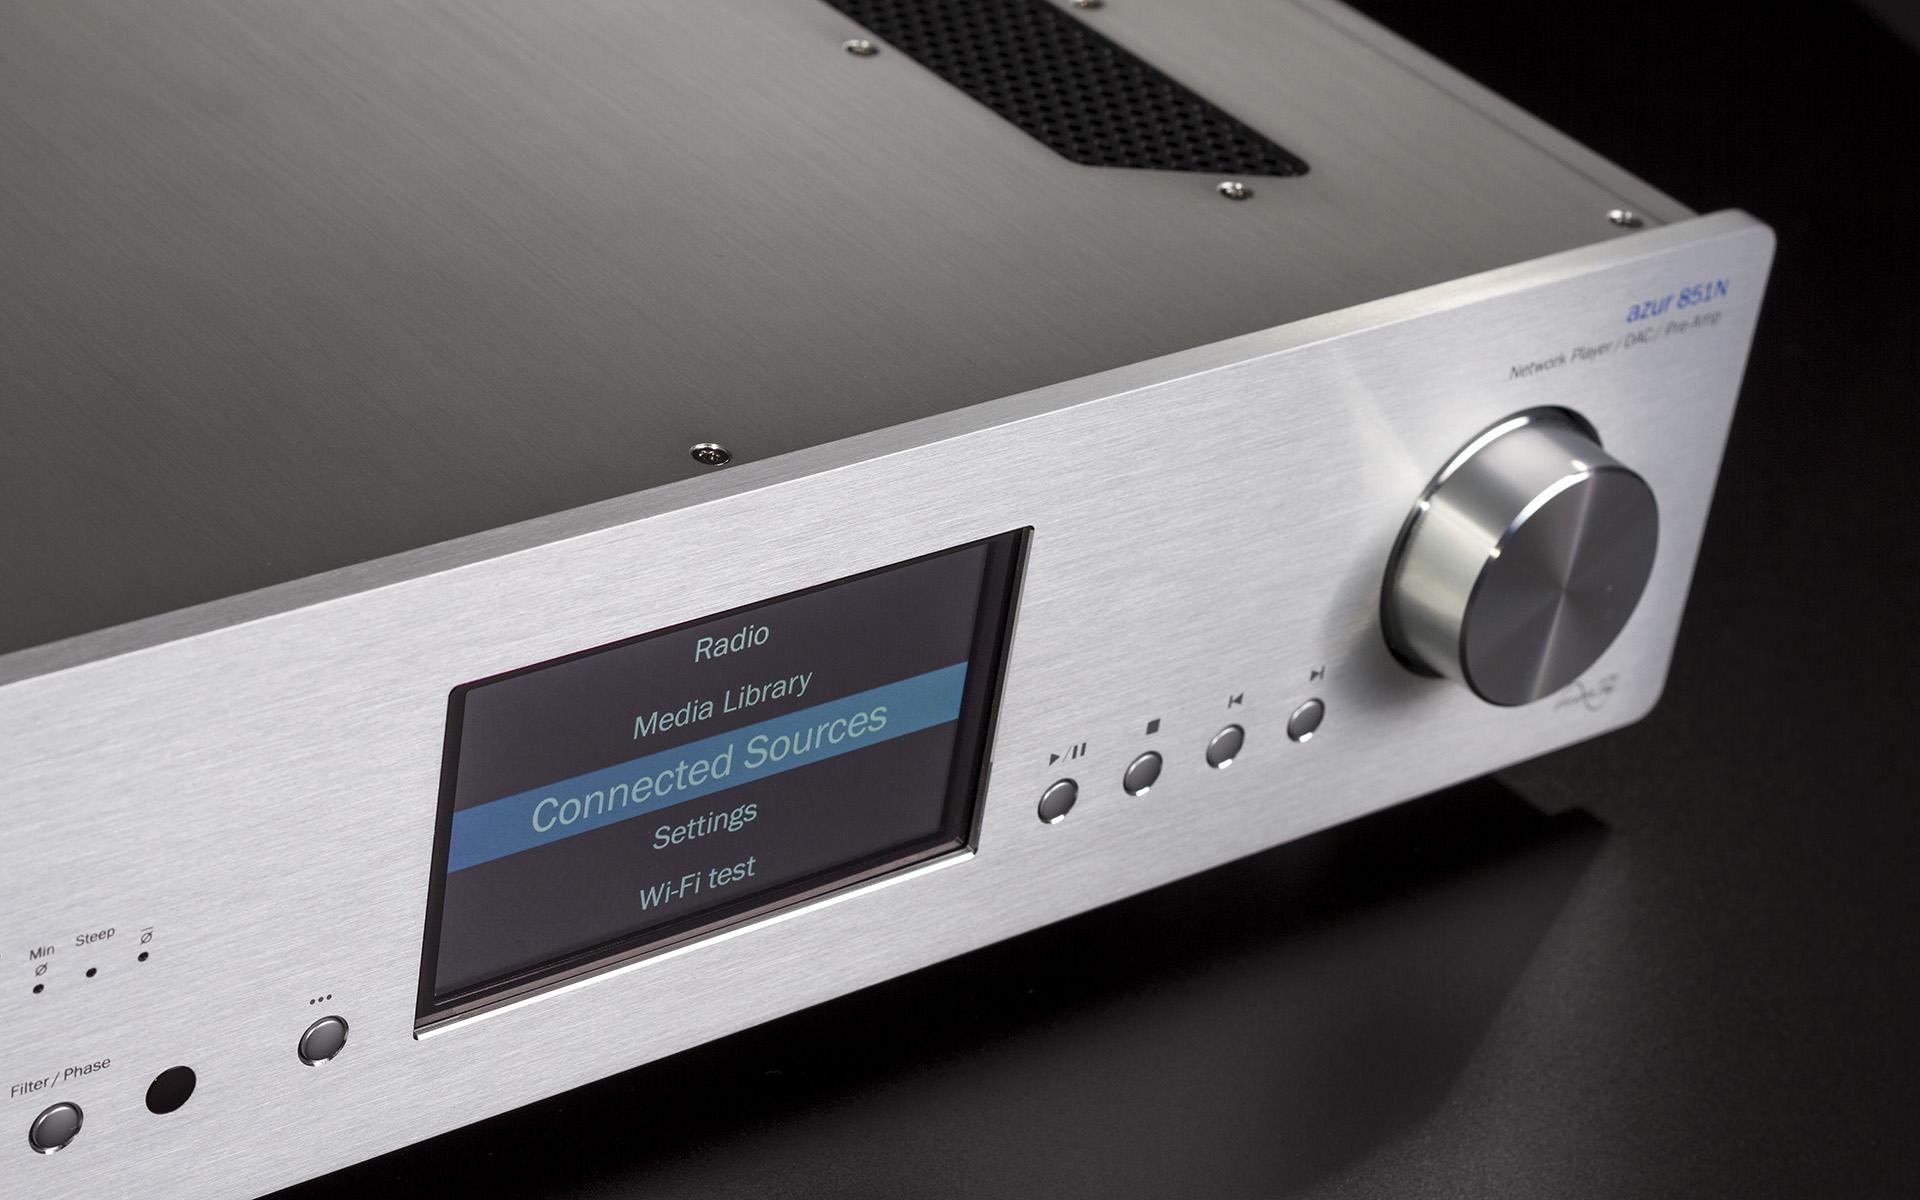 Универсальный сетевой аудиоплеер Cambridge Audio 851N